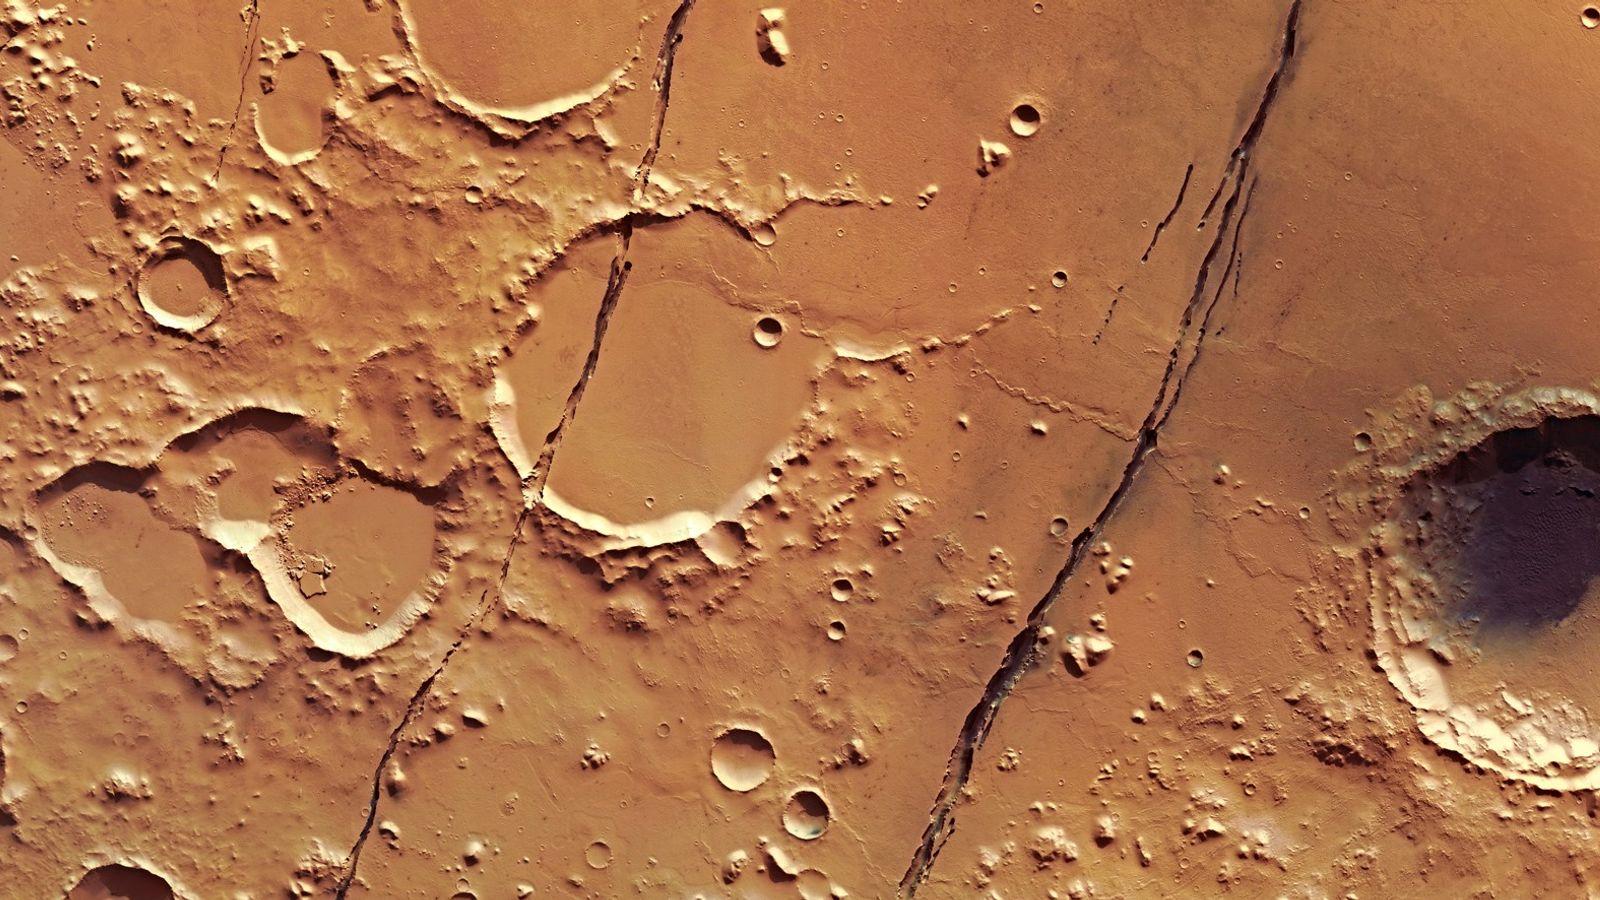 Nesta imagem, captada em janeiro de 2018 pela sonda Mars Express da Agência Espacial Europeia, várias ...